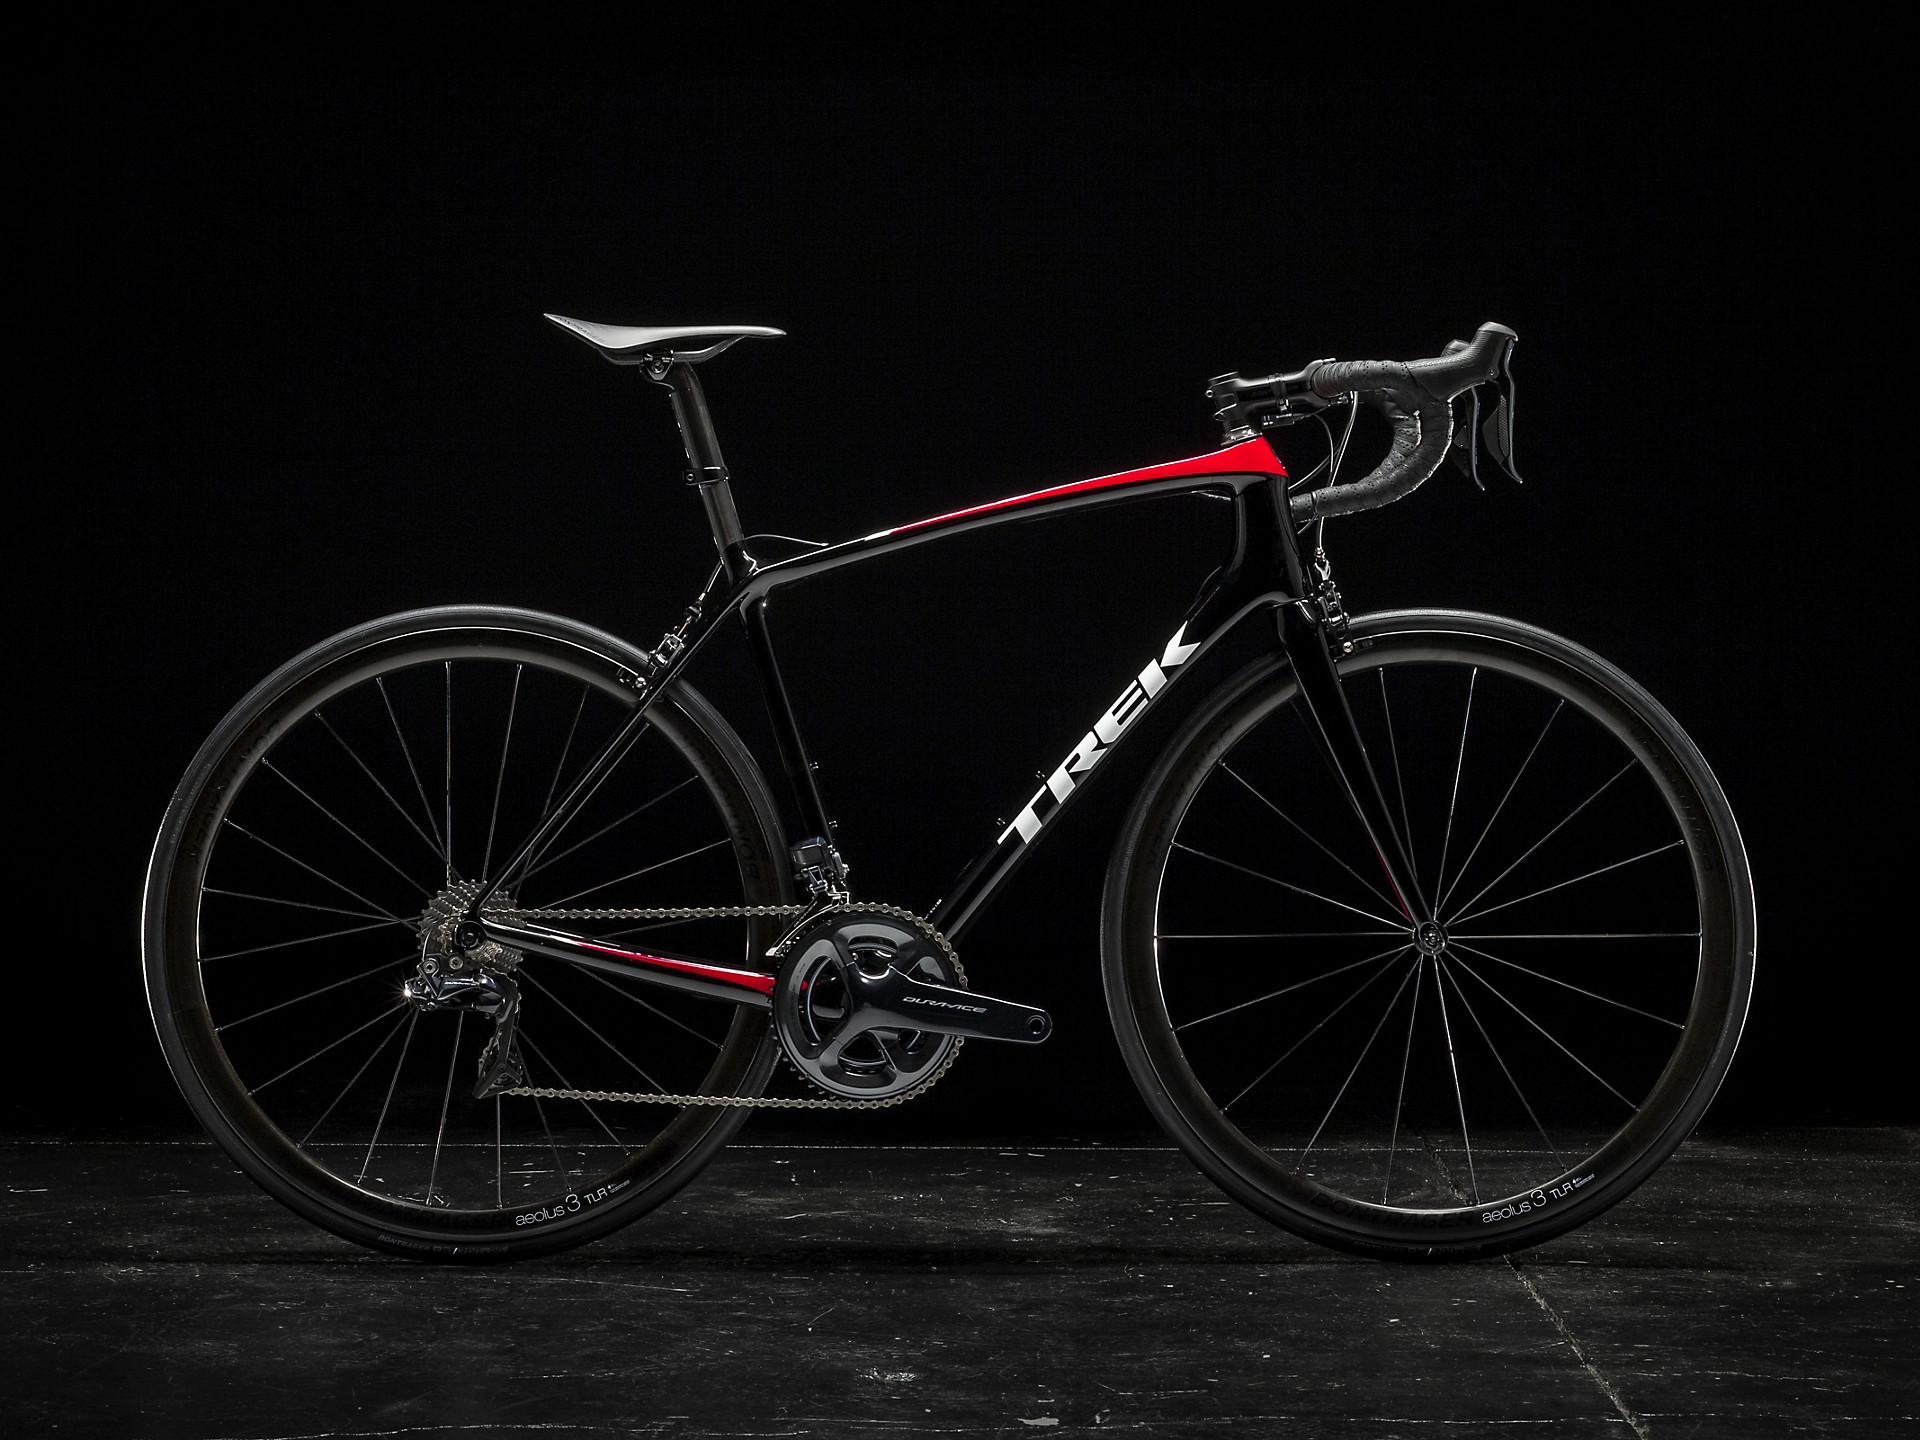 d70756ee5c5 Émonda SLR 9 | Trek Bikes